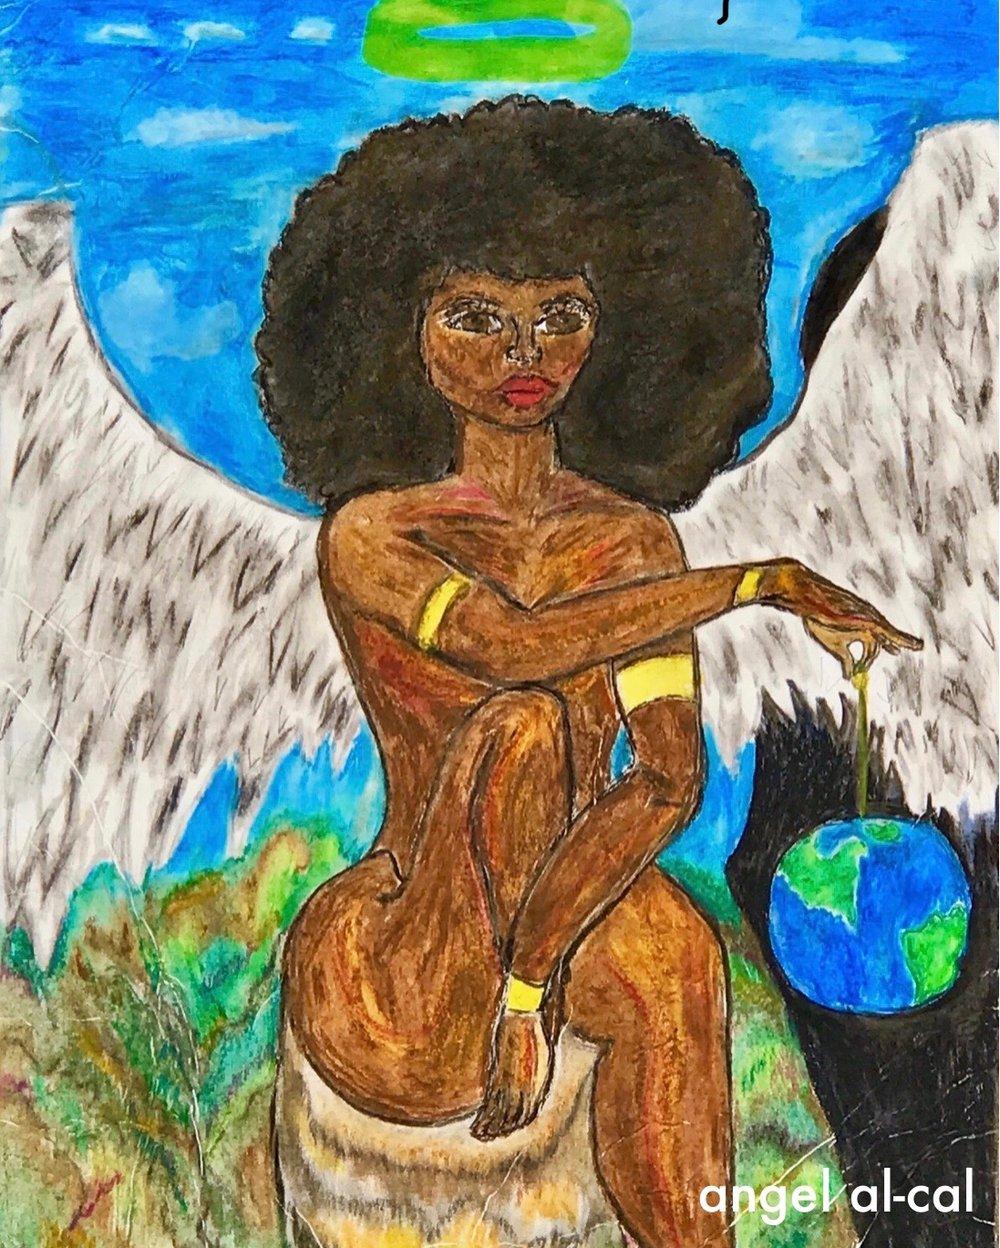 Angel Al-cal -